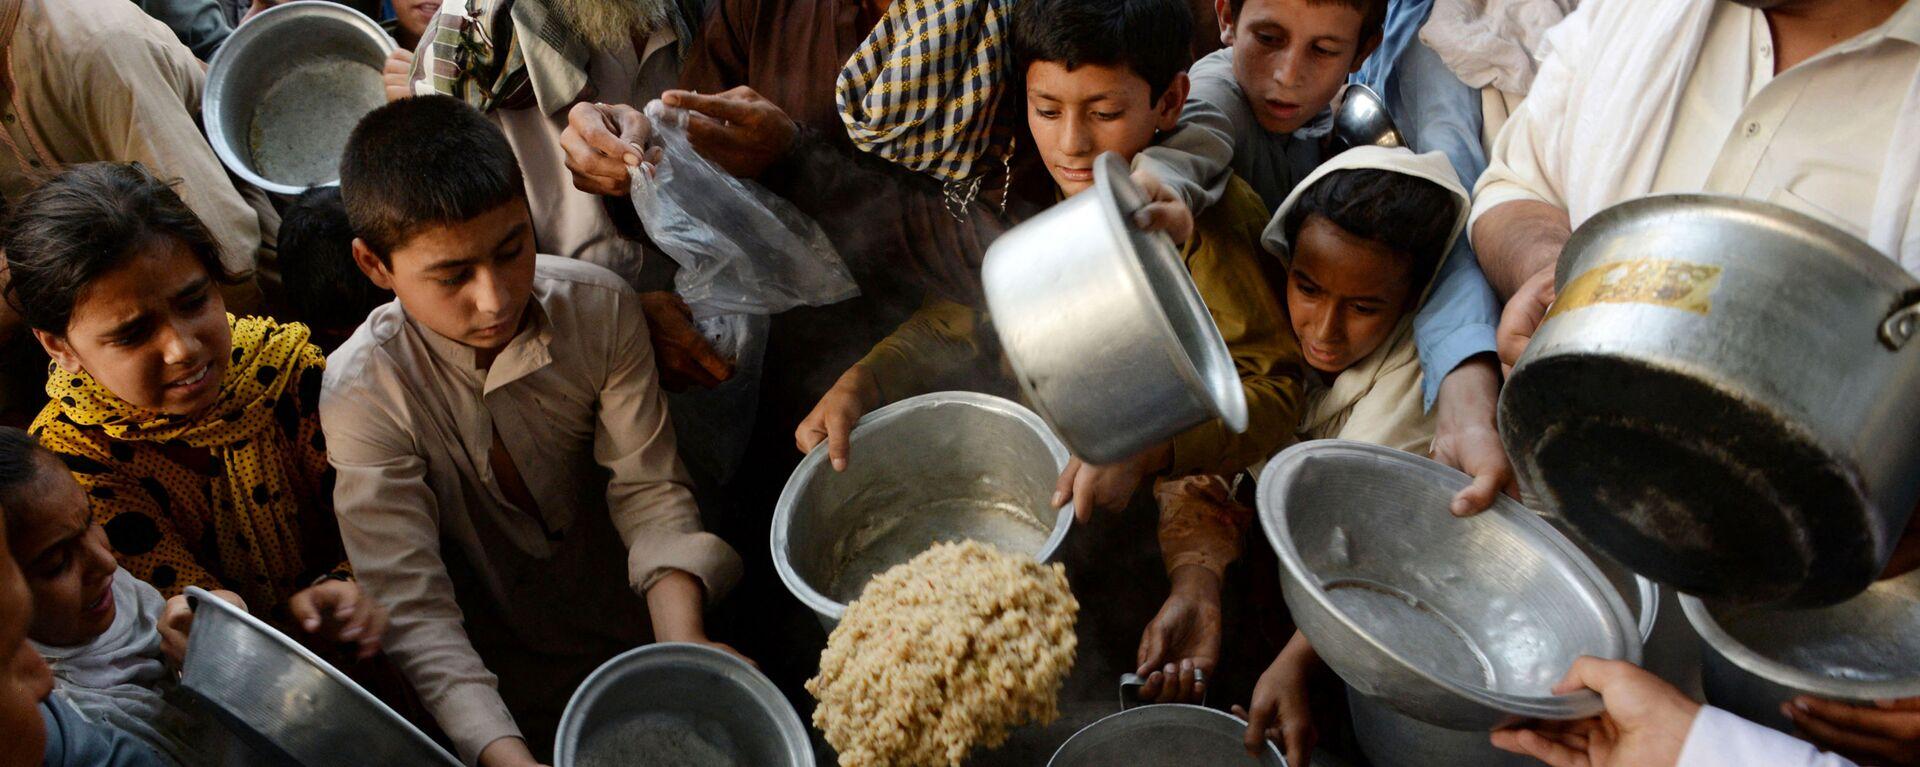 Афганские дети держат тарелки в ожидании еды в городе Джелалабад - Sputnik Тоҷикистон, 1920, 25.08.2021